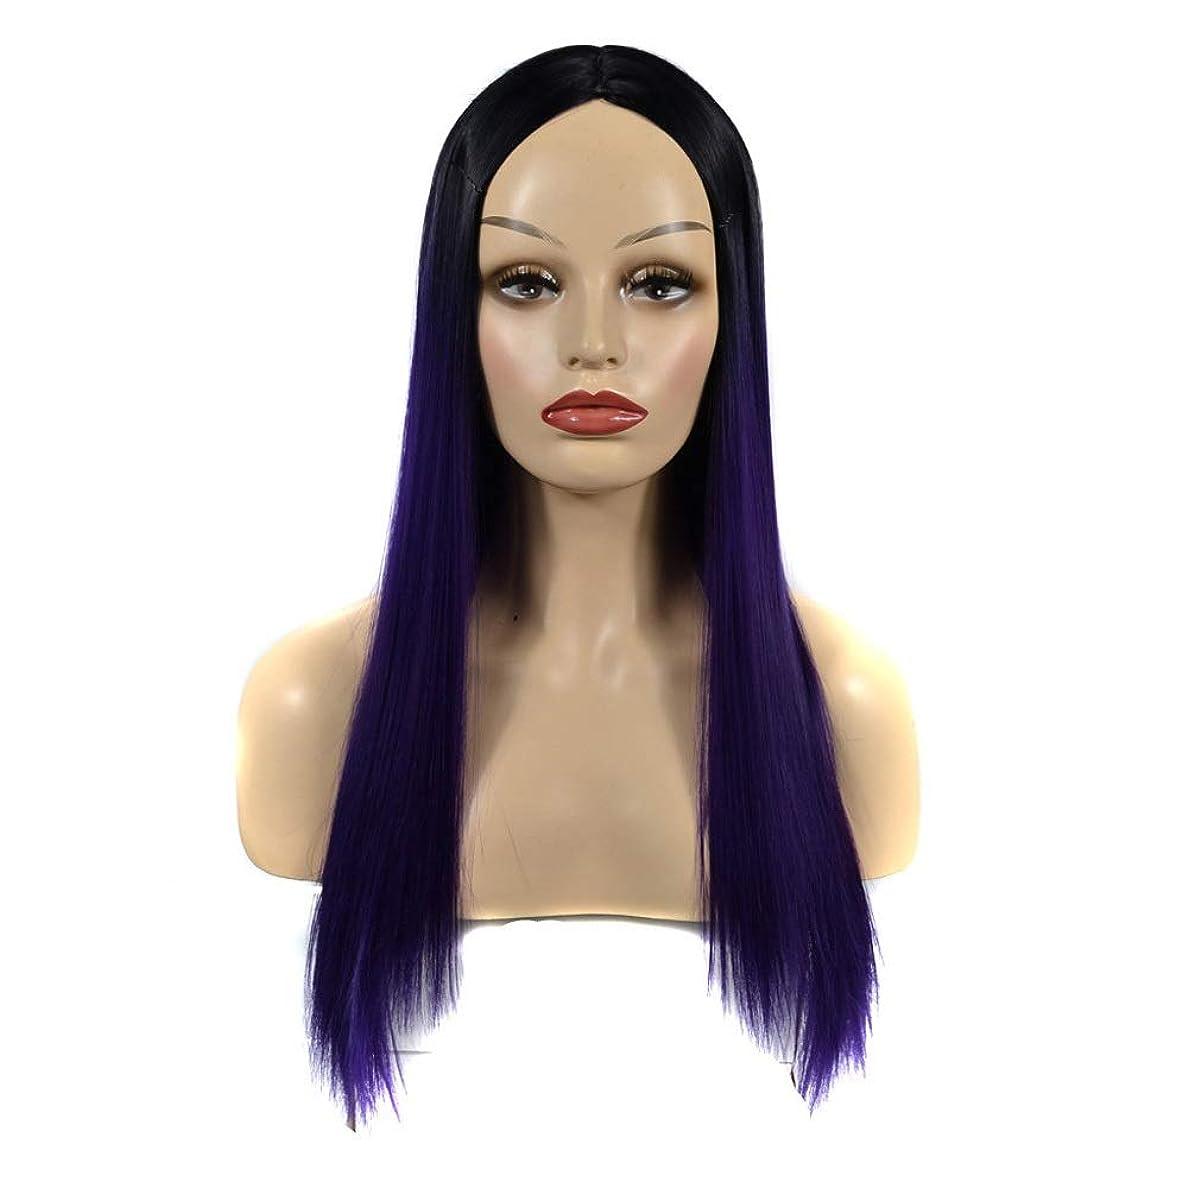 コンペデクリメントレタッチHOHYLLYA 女性の長いストレートヘアブラックグラデーショングレープパープルミドルパートウィッグデイリードレスパーティーウィッグ (色 : ダークパープル, サイズ : 60cm)